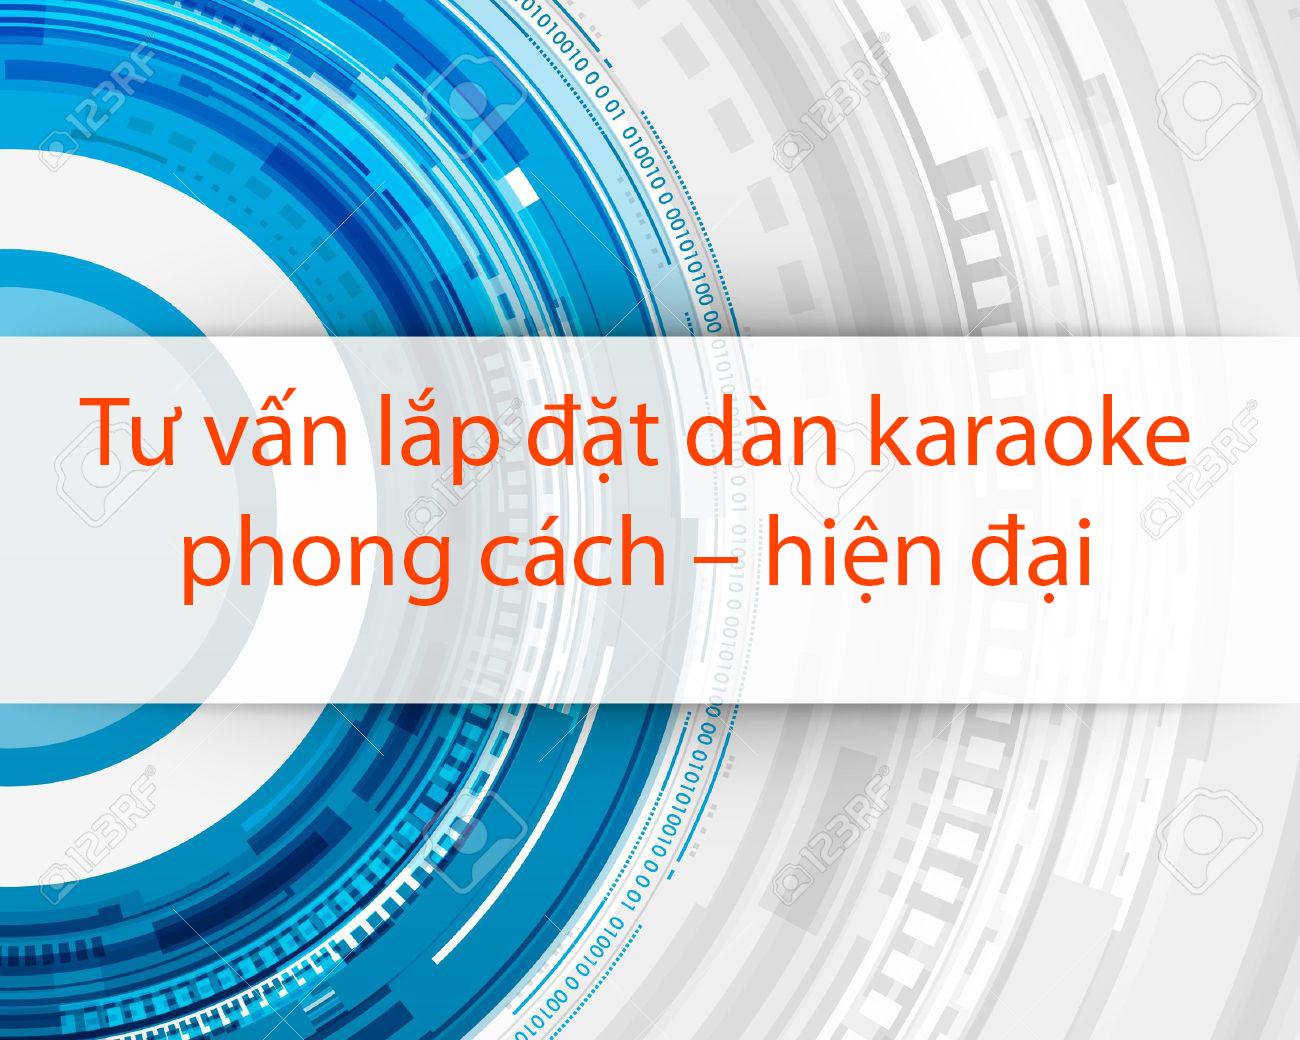 tư vấn lắp đặt dàn karaoke hiện đại chất lượng